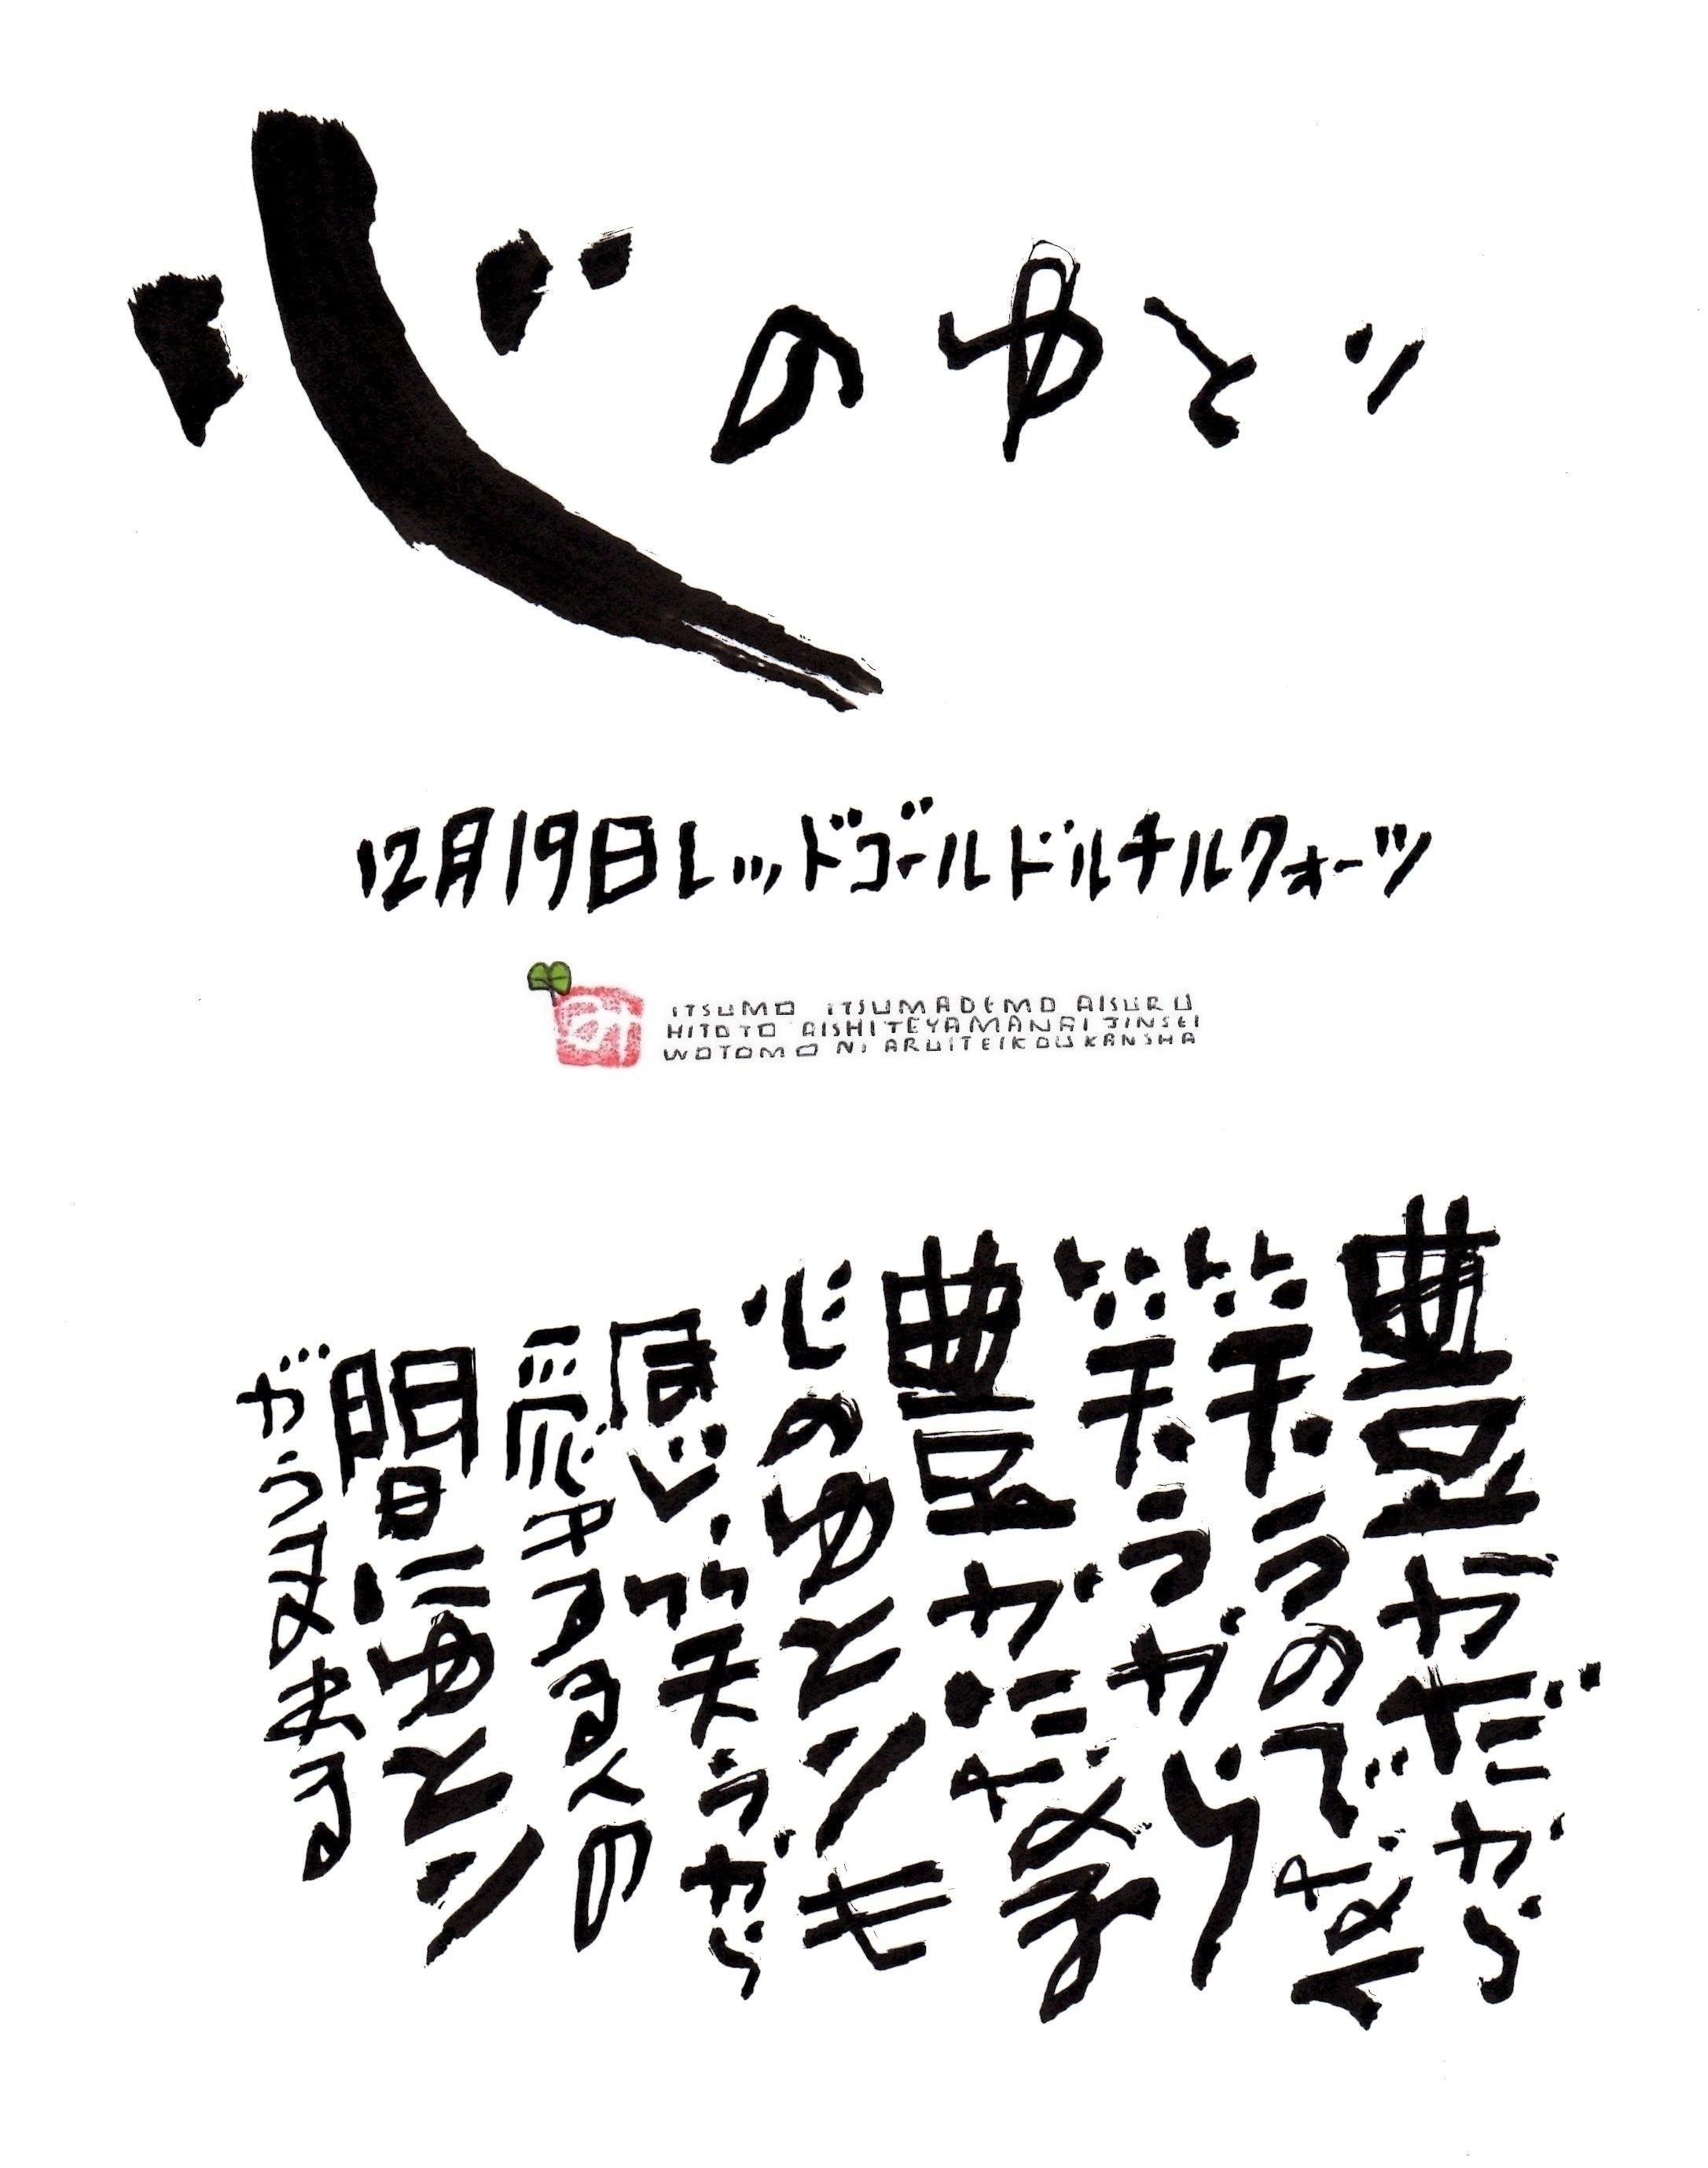 12月19日 結婚記念日ポストカード【心のゆとり】